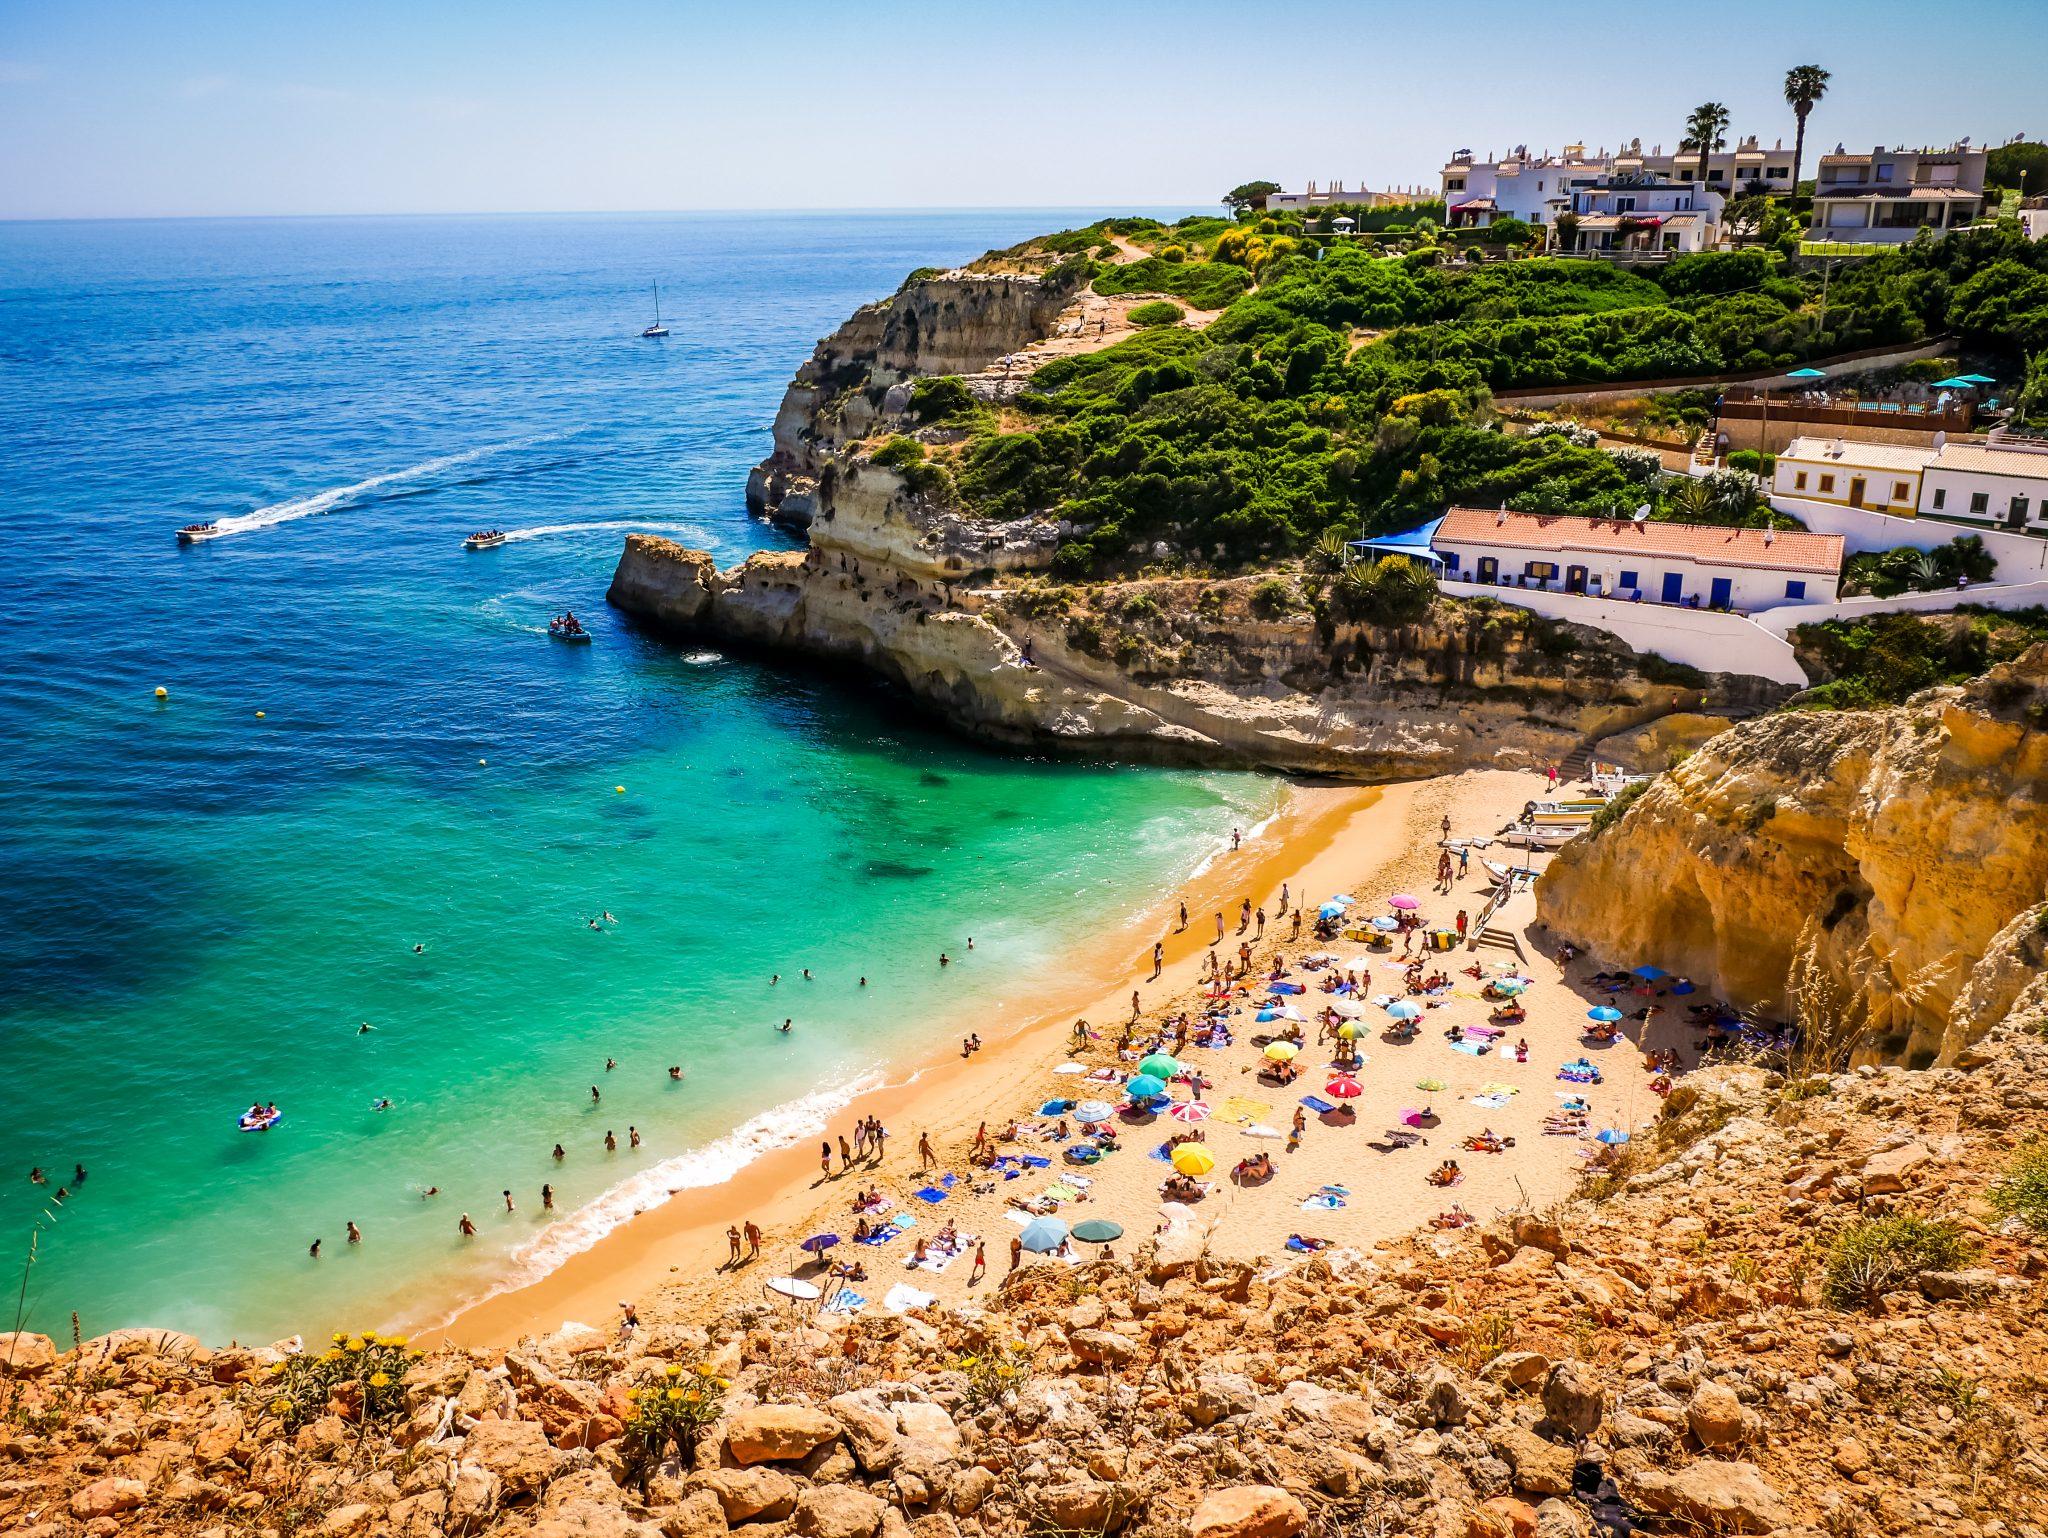 """Der Strand Praia de Bengali ist sehr beliebt und gilt als """"second thing to do in der Region Lagoa""""."""